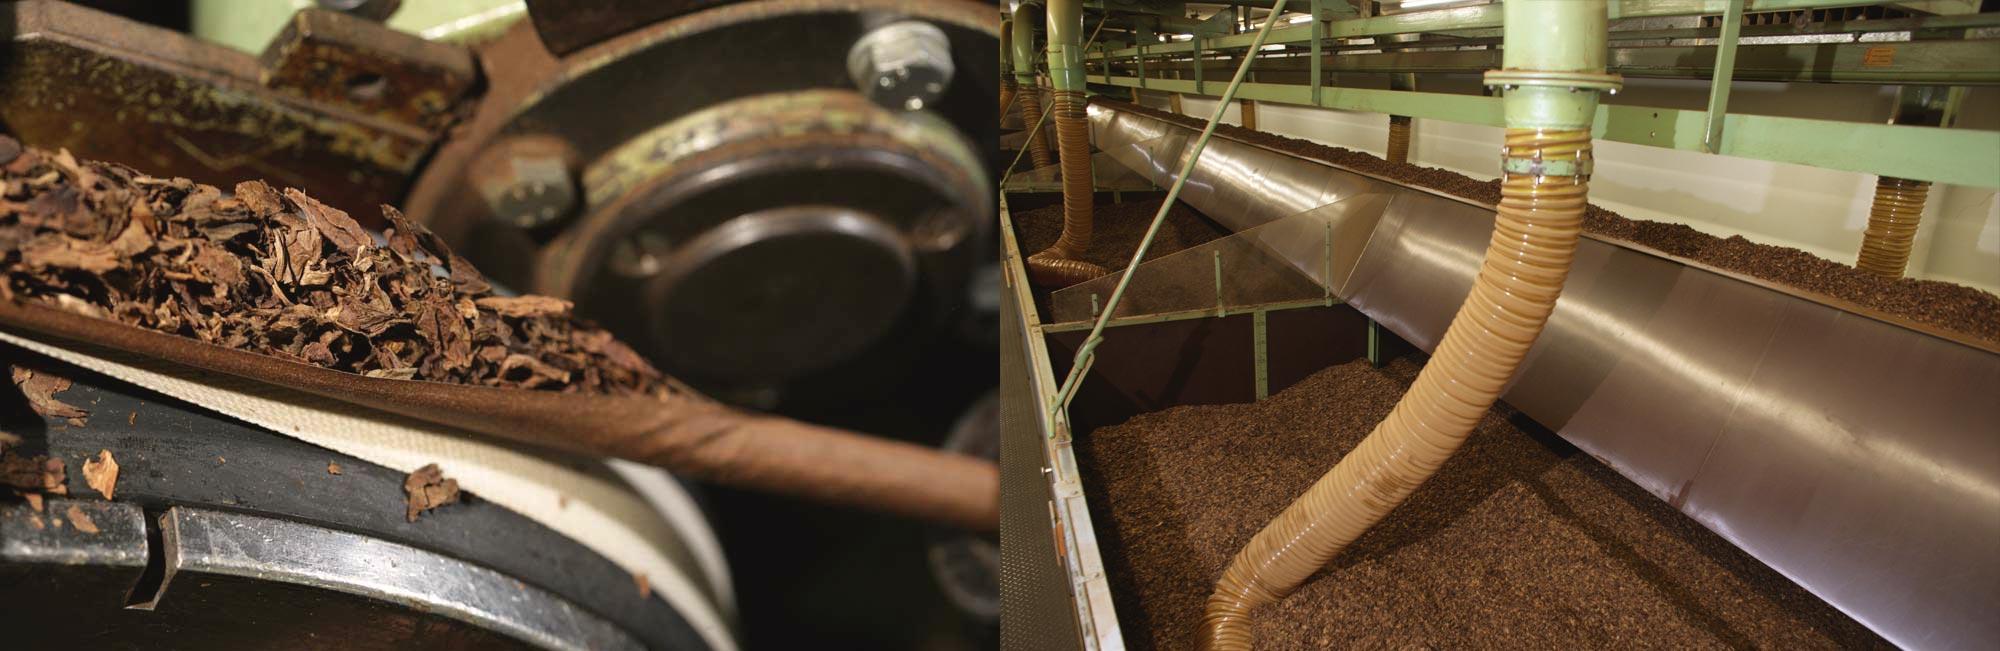 Maschinen zur Fertigung von Zigarren im Werk Königslutter